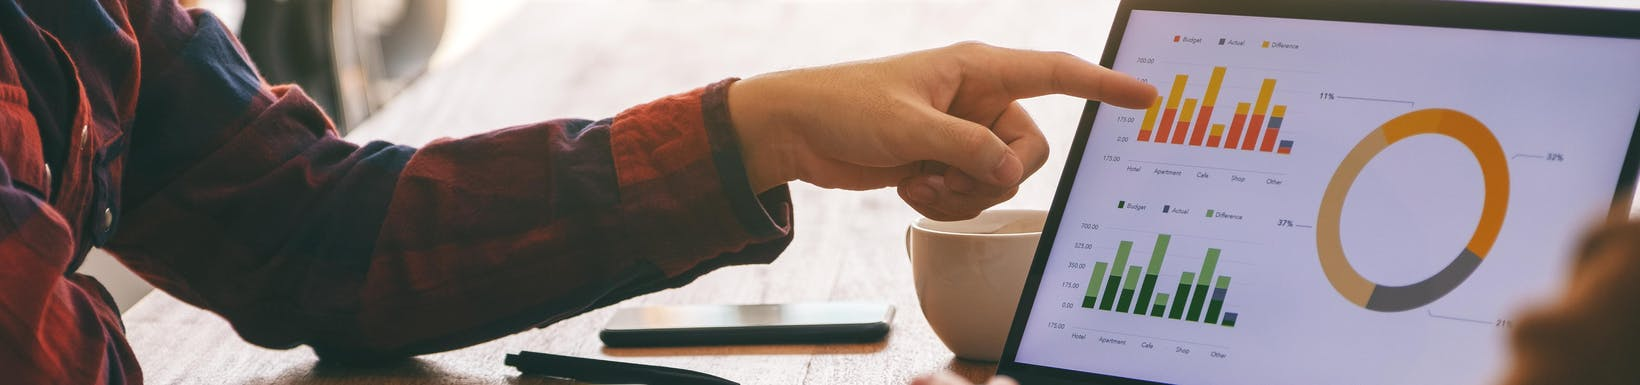 Kobieta wskazująca palcem na laptopa, na którego ekranie widać aplikację do prezentowania danych, wykresy